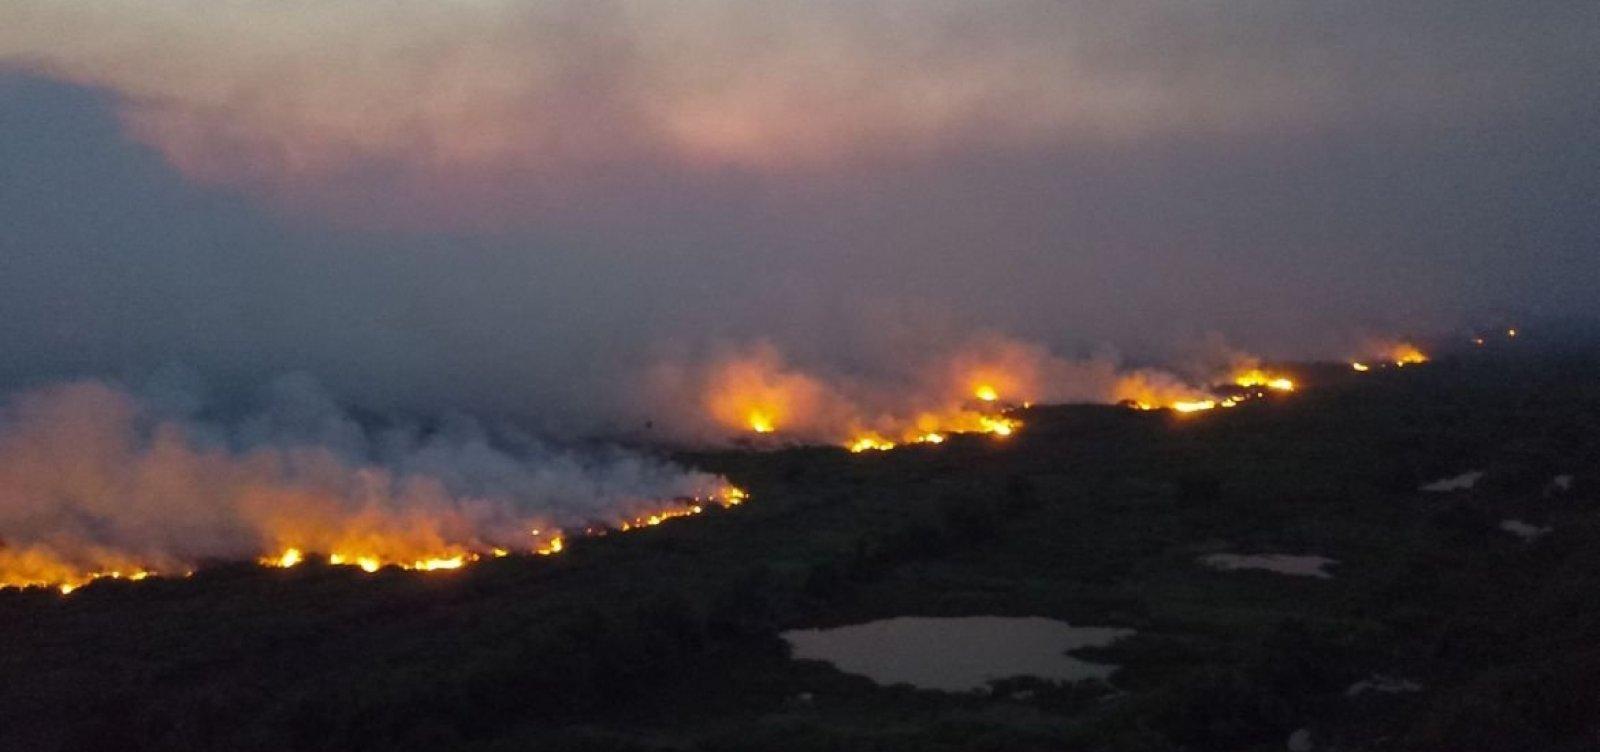 [Governo vai desbloquear recursos e retomar combate a queimadas, diz Mourão]